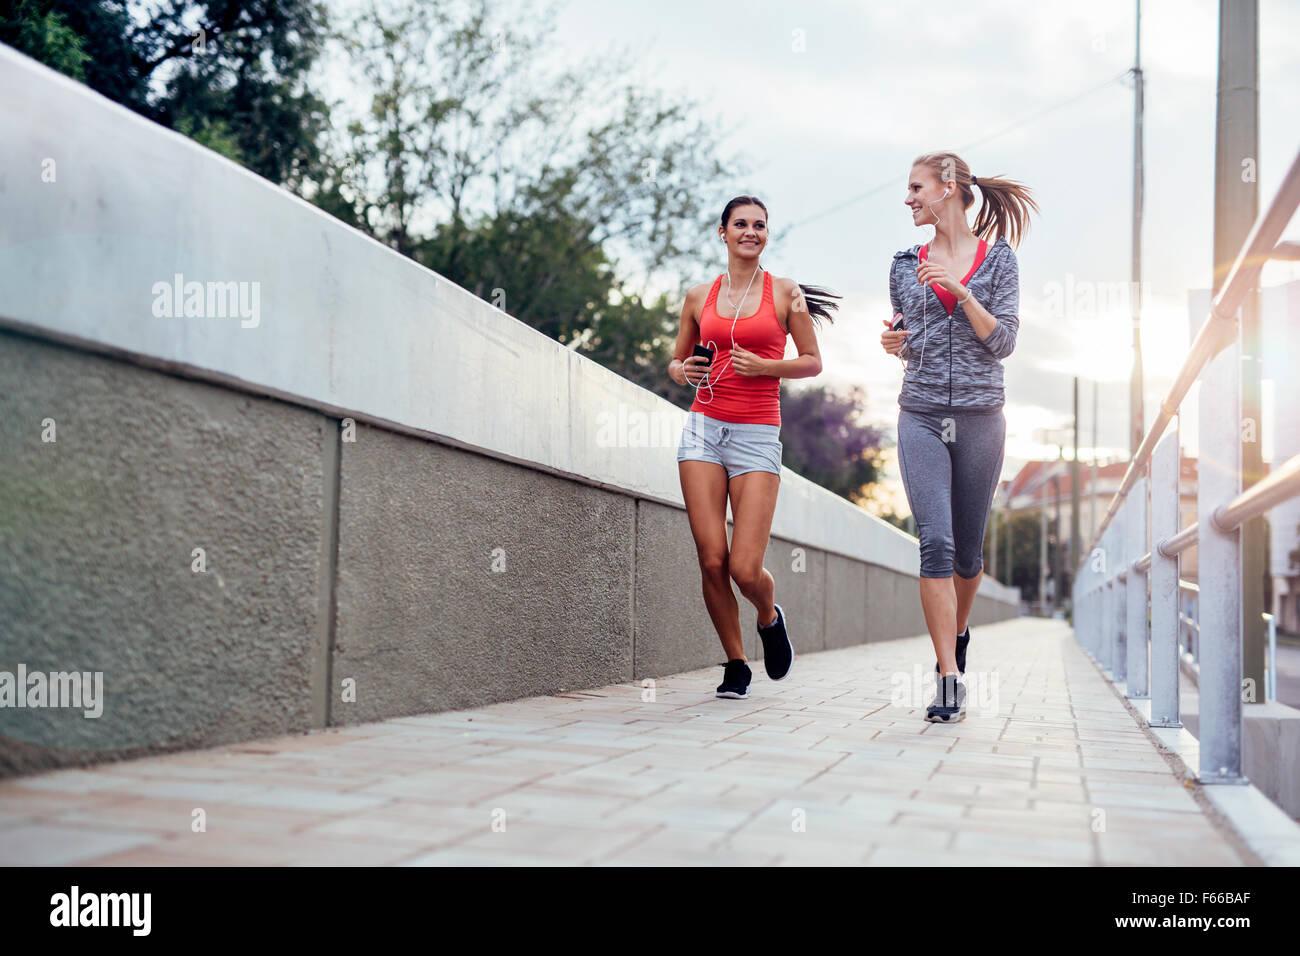 Beau paysage de deux femmes poursuivant leur activité à l'extérieur du jogging dans la ville Photo Stock